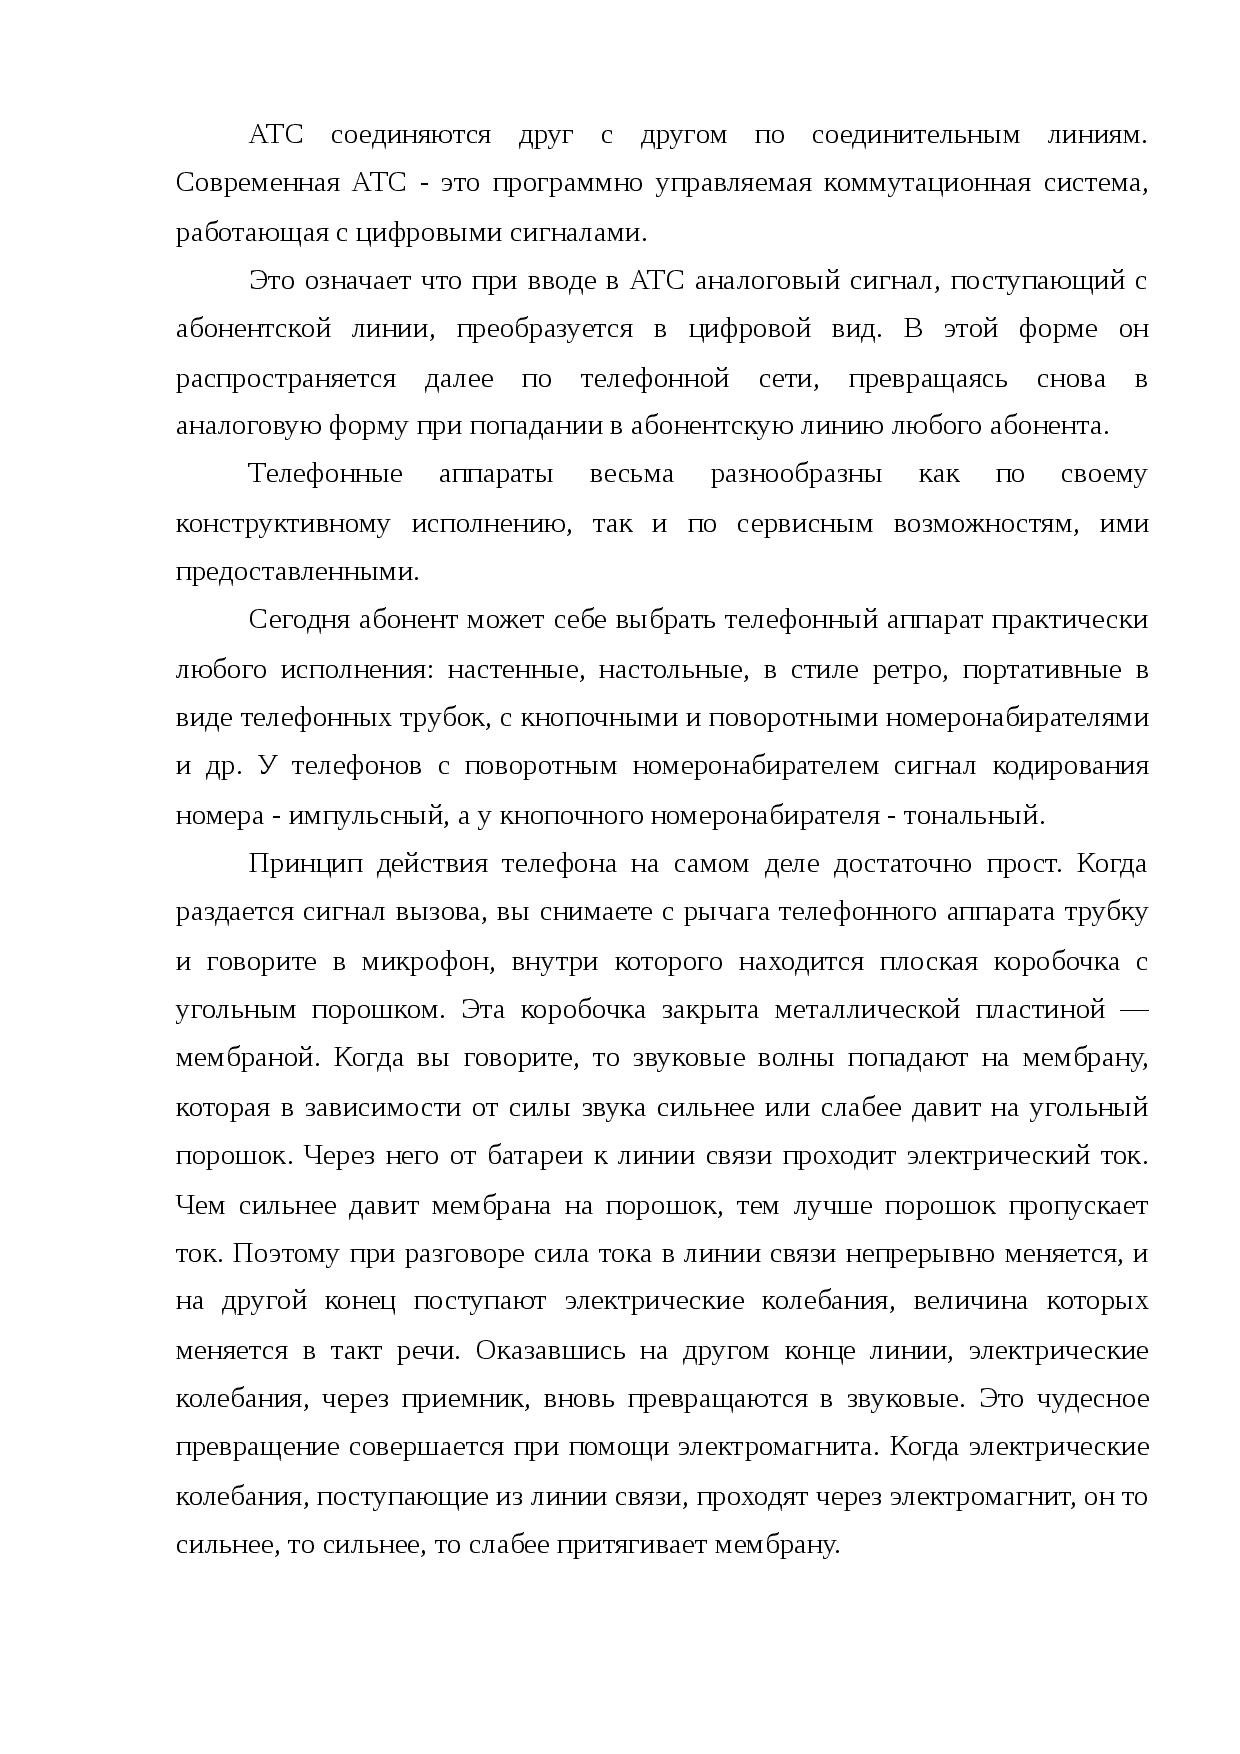 Что такое факсимиле